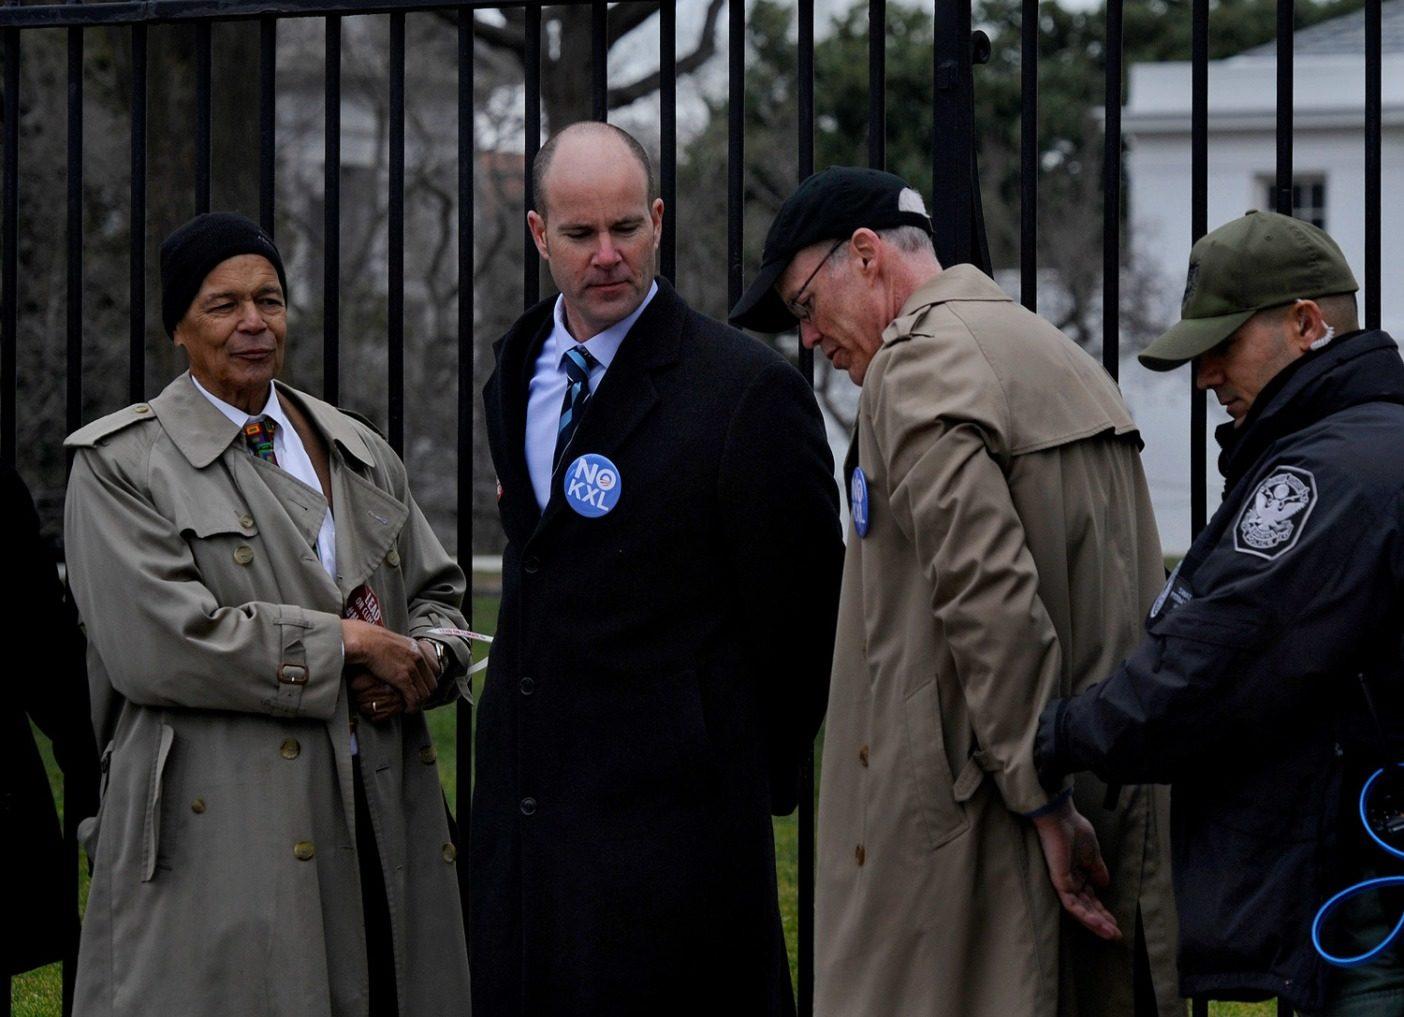 逮捕可能。2013年時点で、「大部分は著作家」からKXL反対のリーダーに転換し、キーストン・パイプラインに抗議中にホワイトハウスの前で手錠をかけられる著者。しかしながら、その日拘置所では〈シエラクラブ〉のエギュゼクティブ・ディレクターのマイケル・ブルーニ、社会正義活動家のジュリアン・ボンドといった豪華な面々と一緒だった。Photo: Michael S. Williamson/The Washington Post via Getty Images